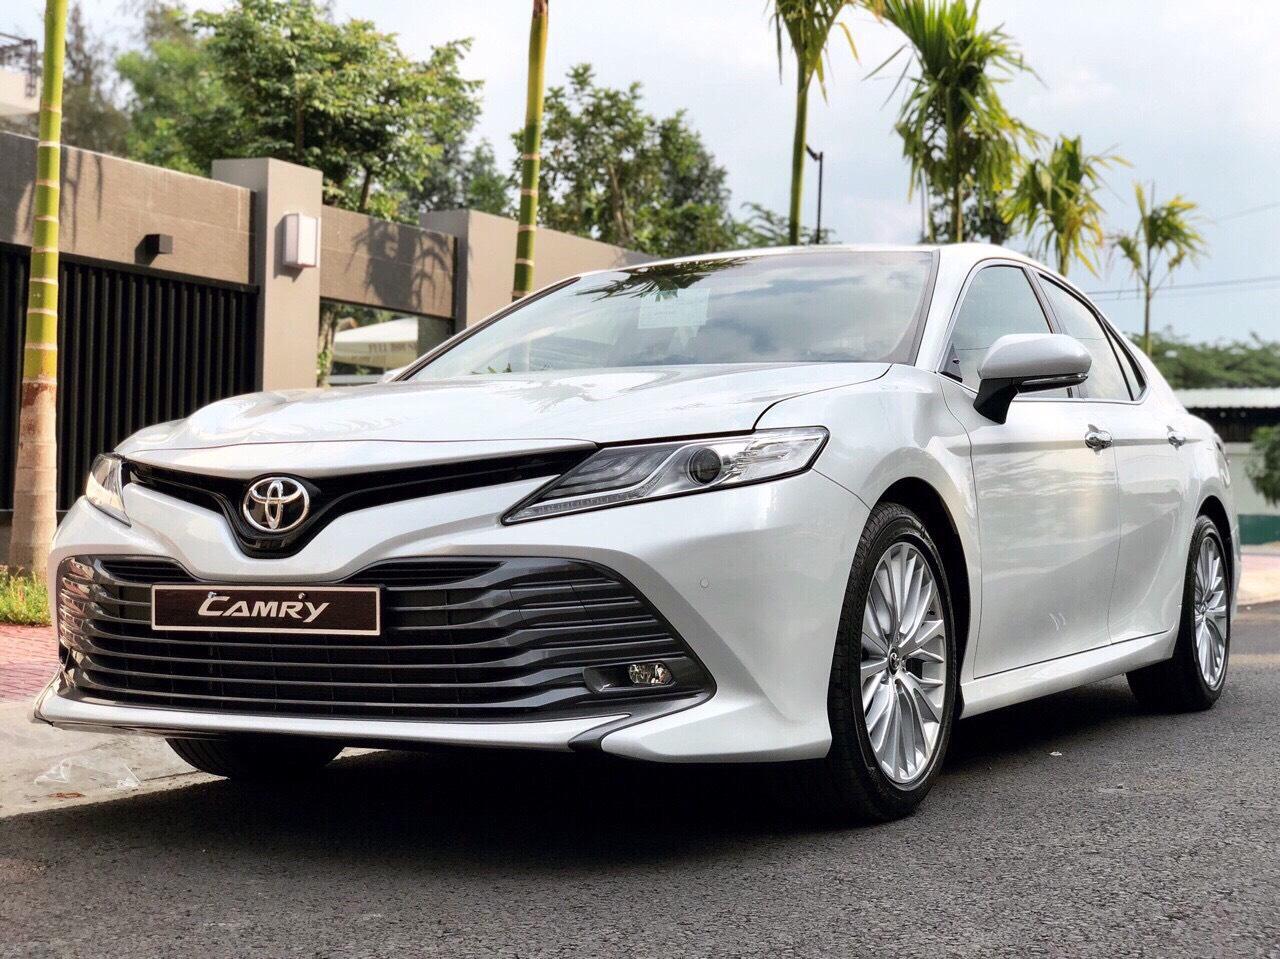 xe camry 2019 ảnh 3 - Toyota Camry: giá xe và khuyến mãi cập nhật tháng [hienthithang]/[hienthinam]